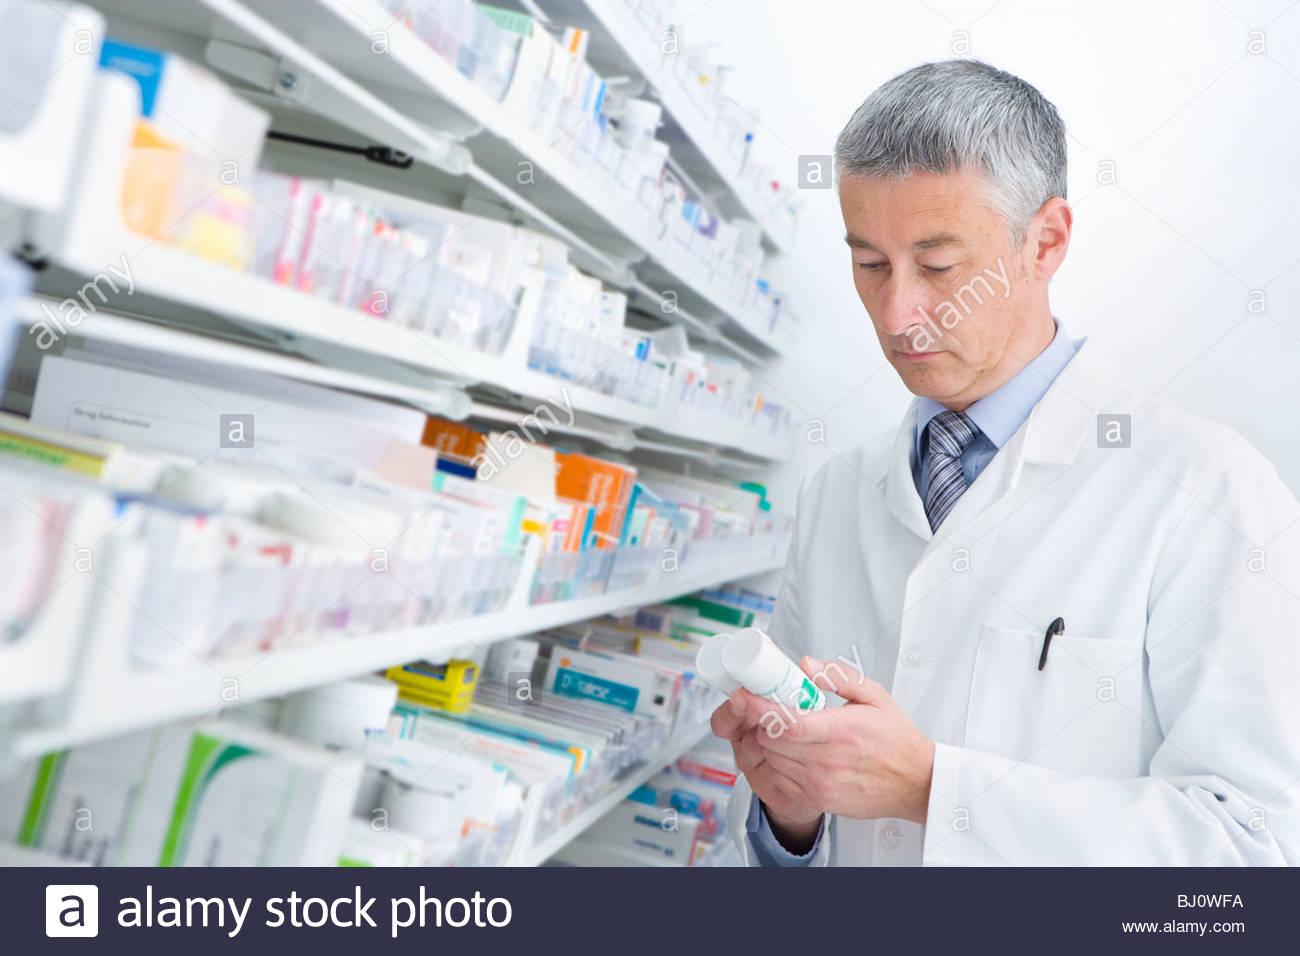 Apotheker lesen Medizinfläschchen in Apotheke Stockbild